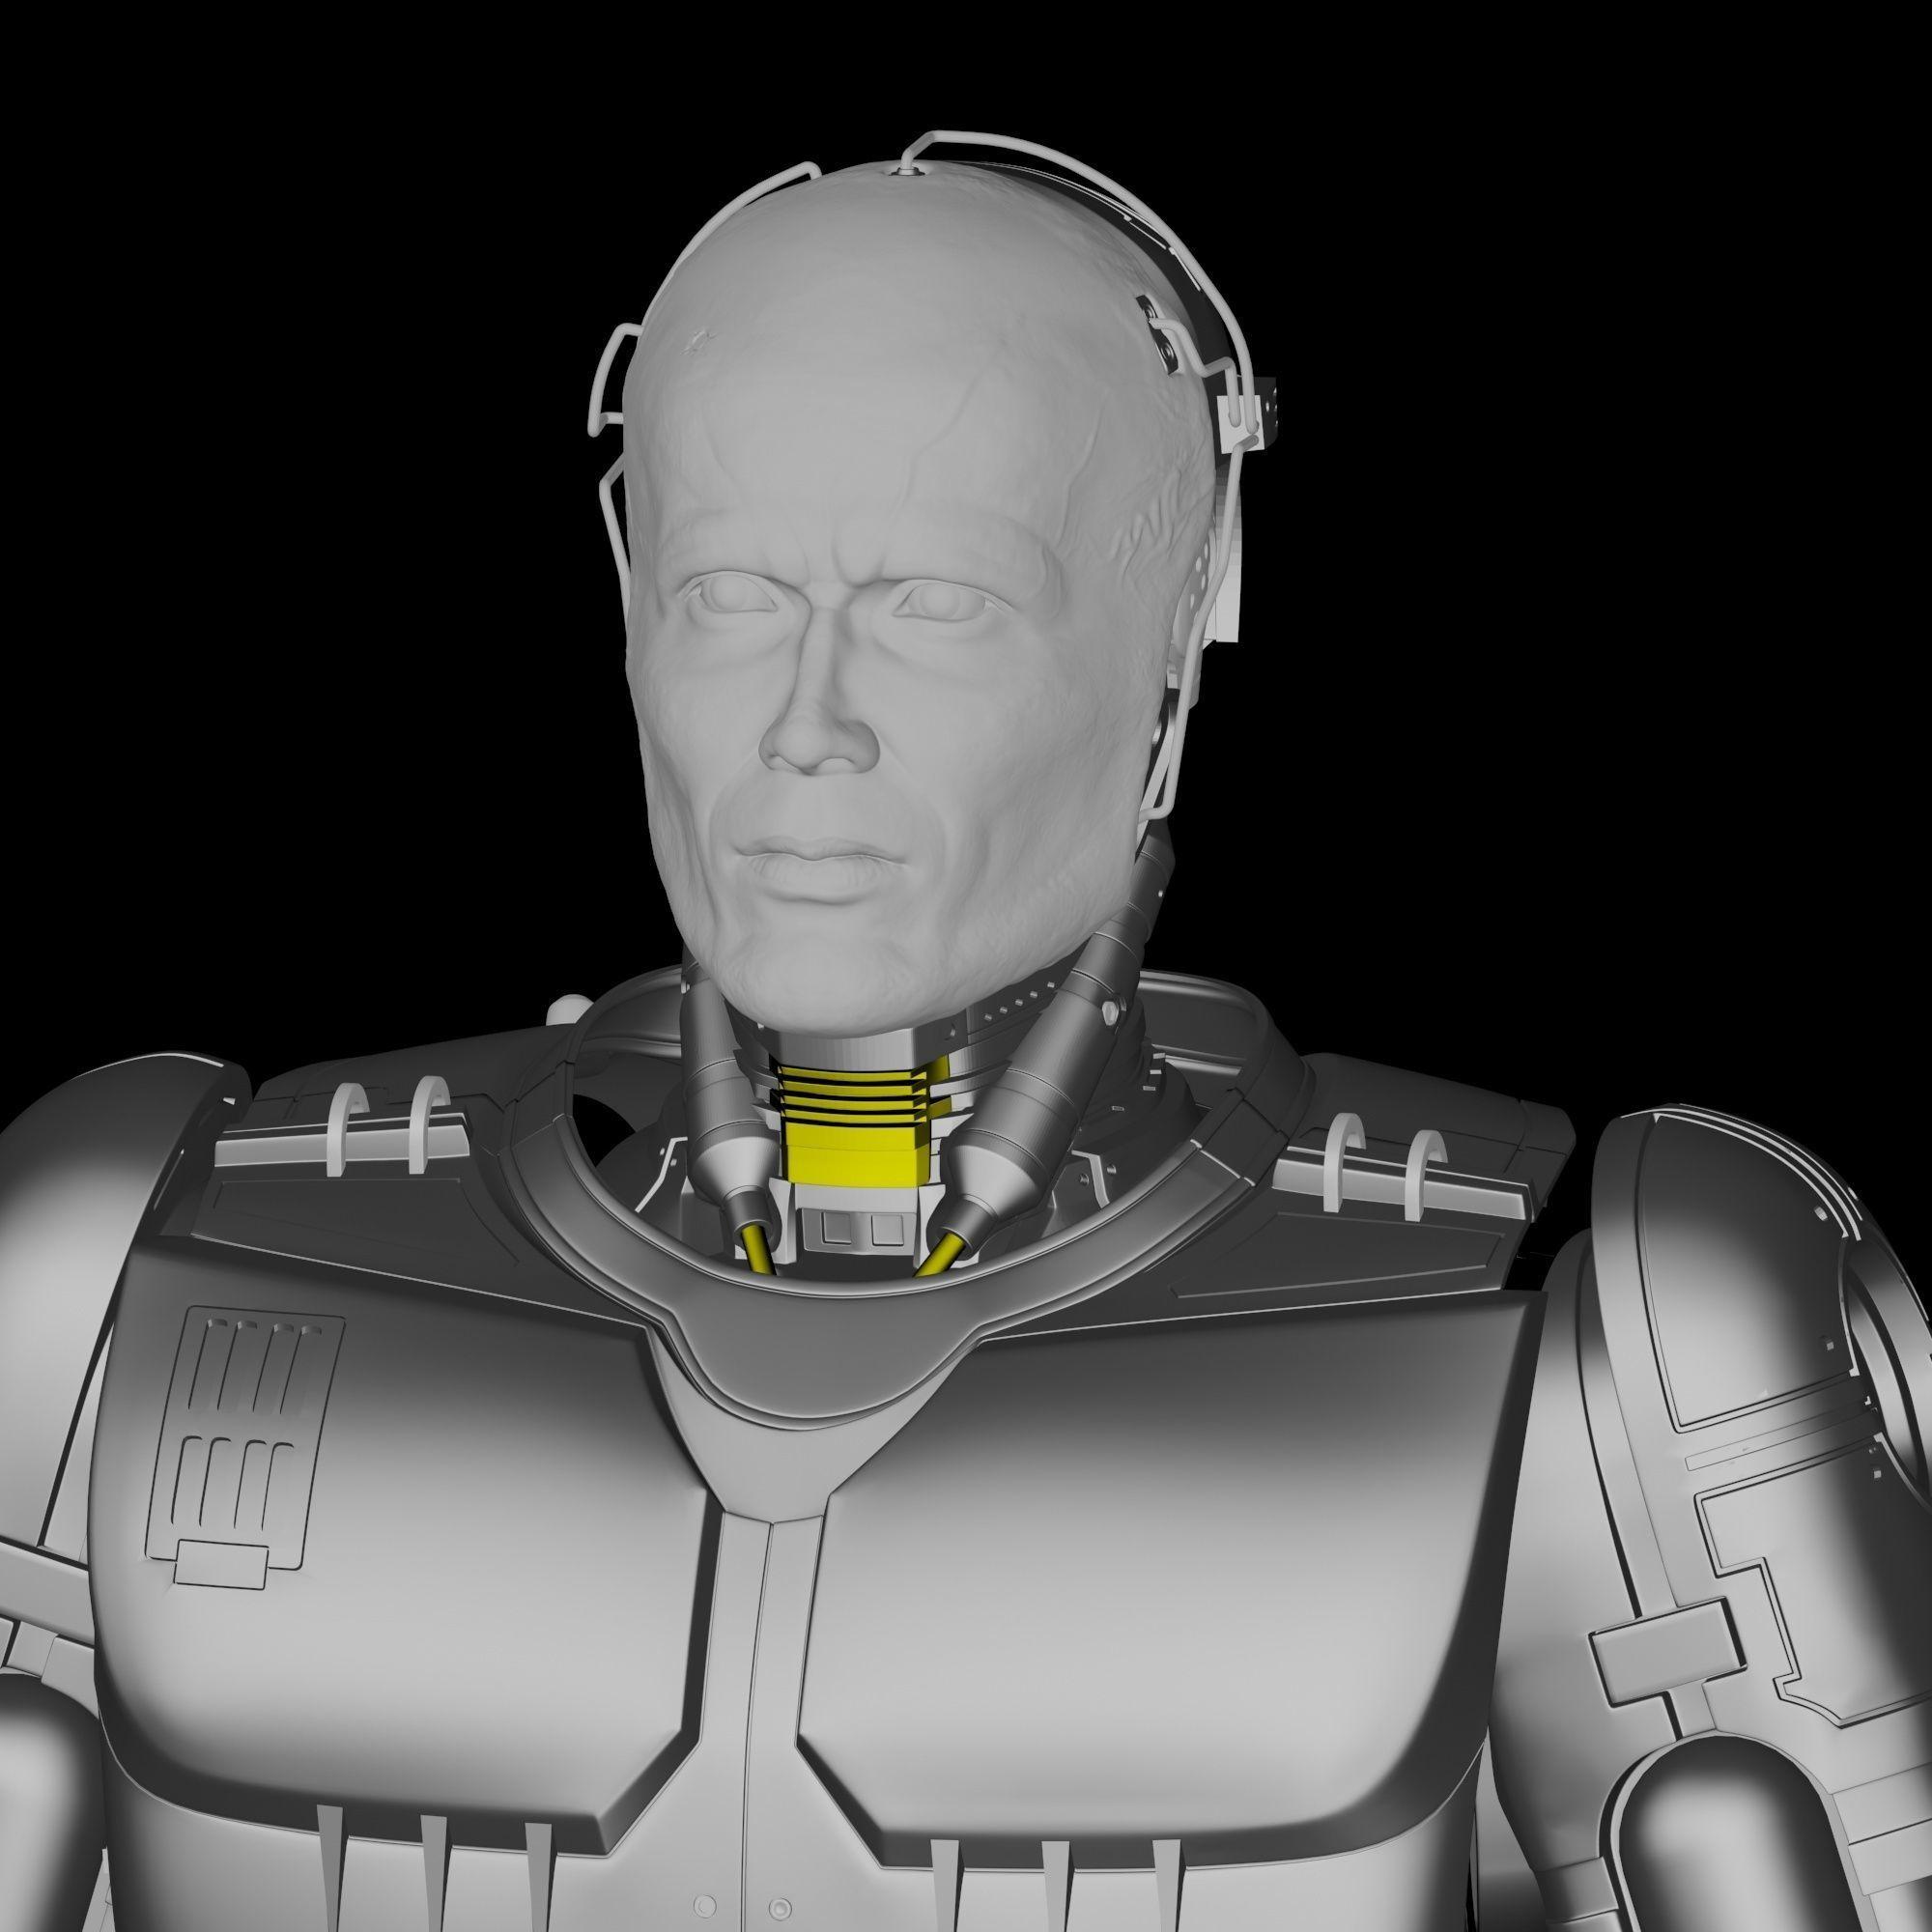 Robocop Head for 3D Print